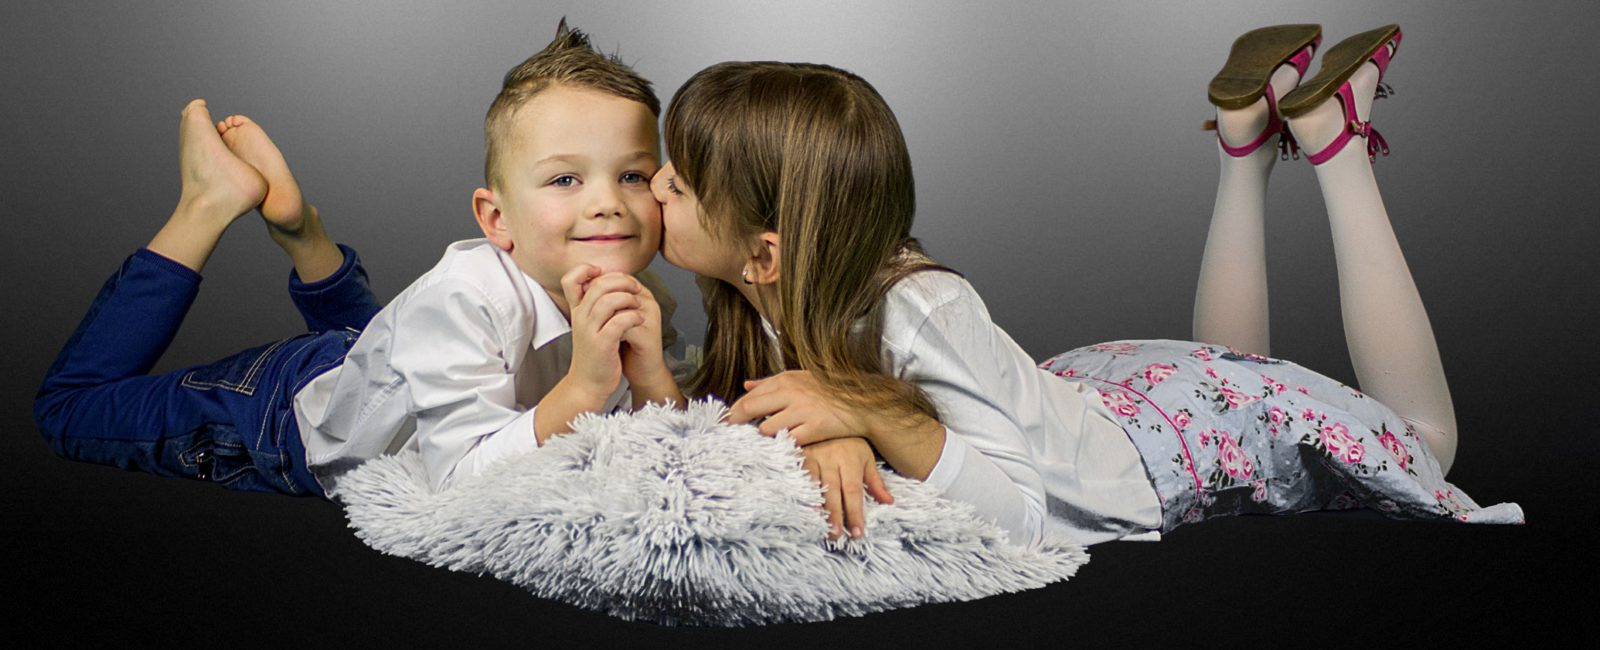 Svatební a portrétové foto Zdenek Havlena